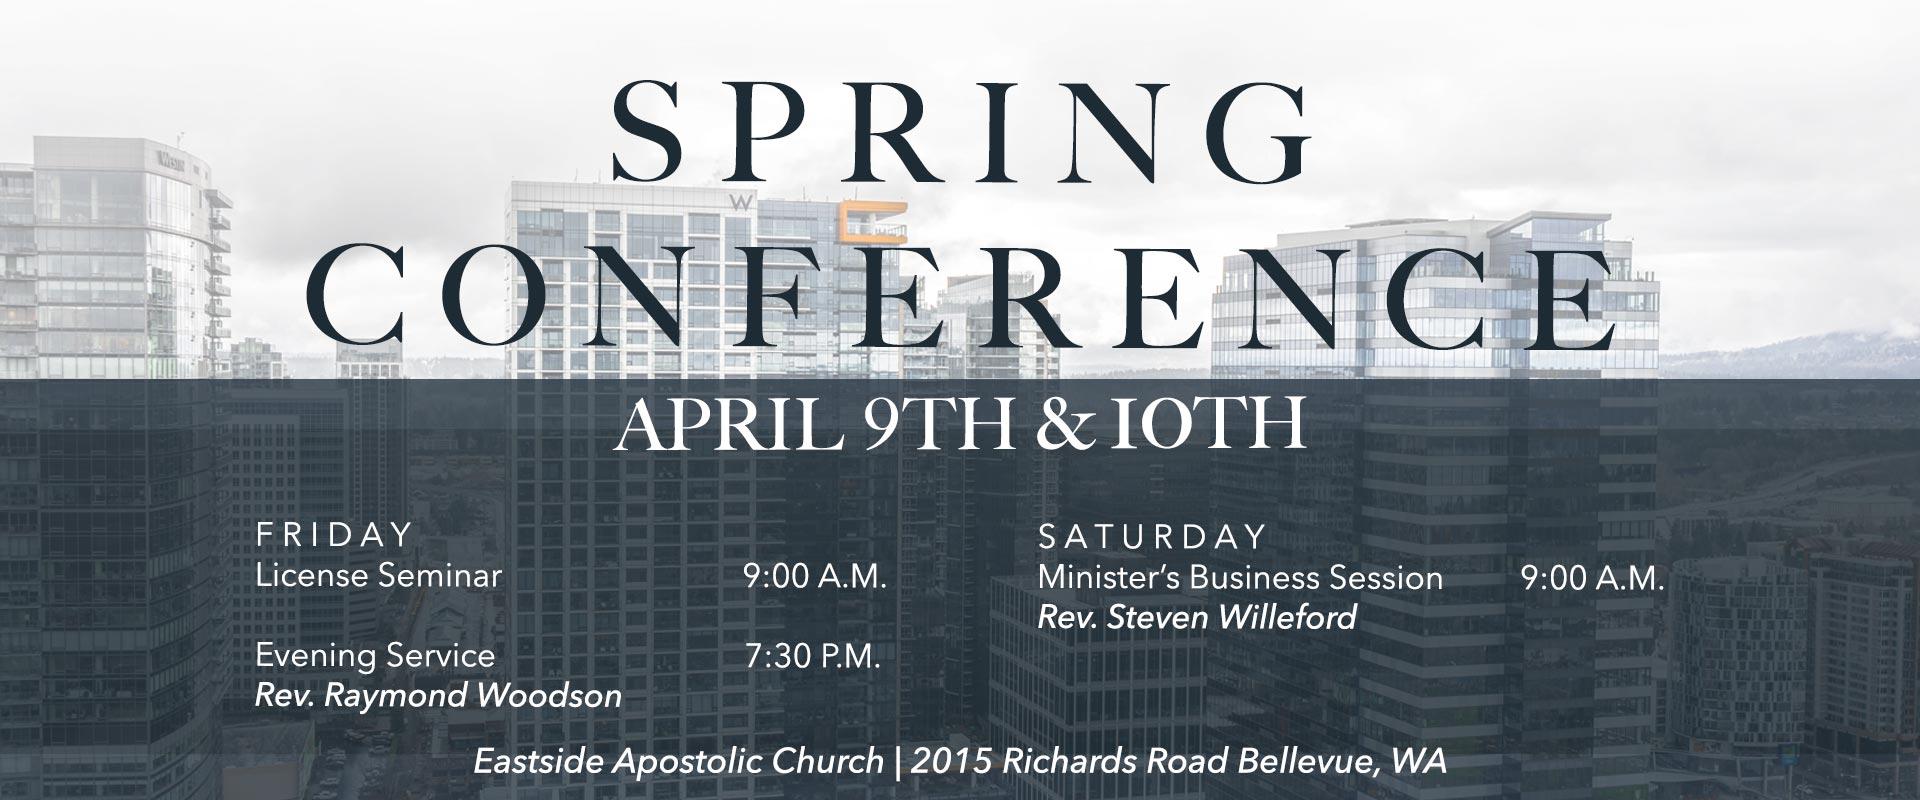 Spring-Conference-Rotation-Slide-web